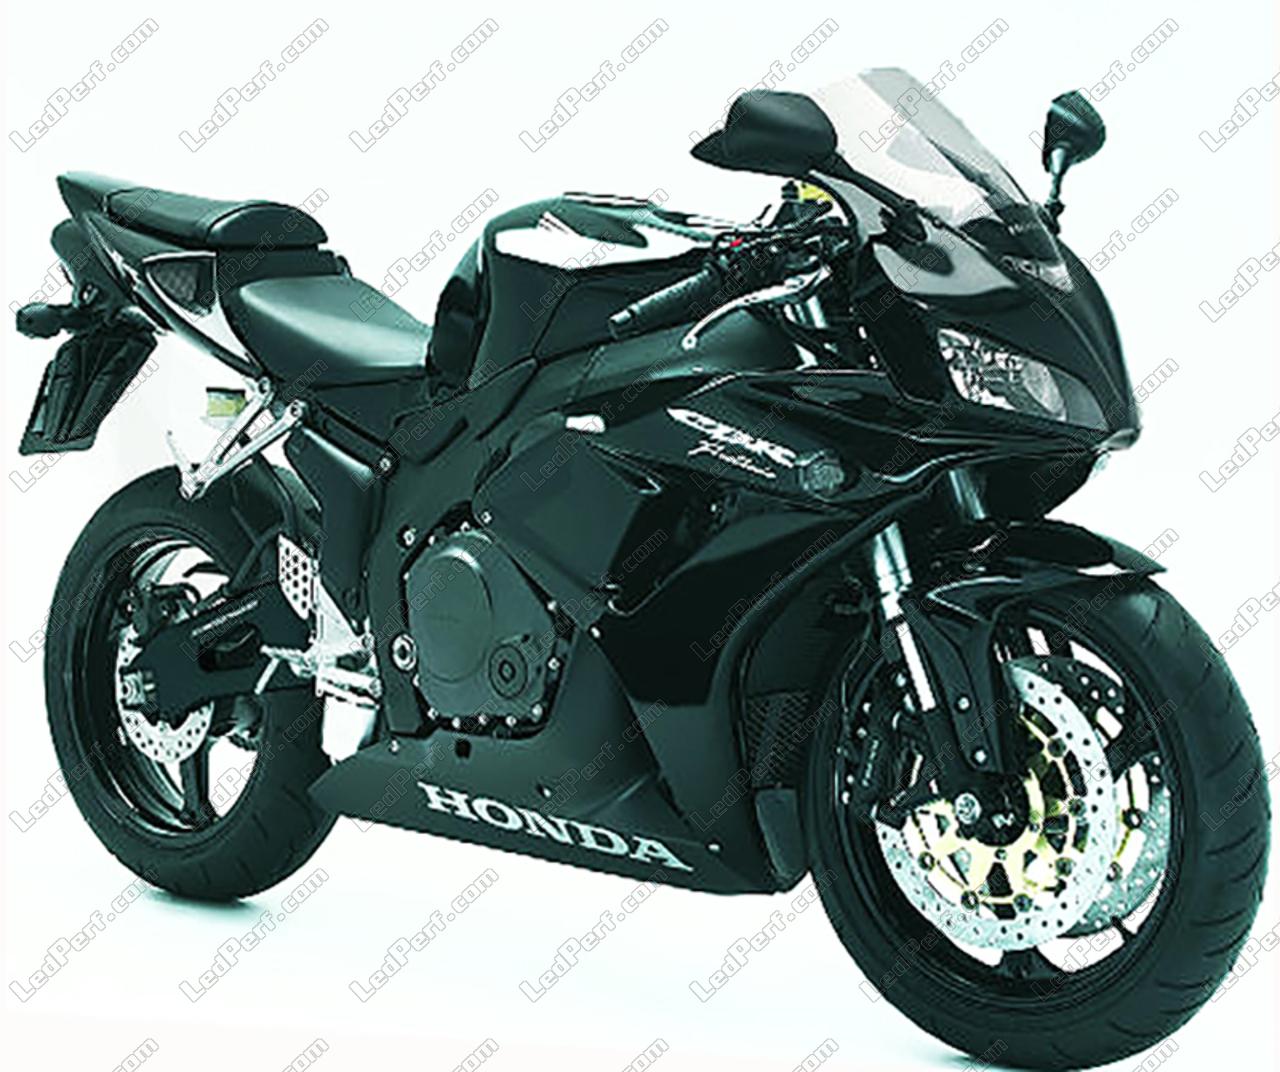 Pack Rear Led Turn Signal For Honda Cbr 1000 Rr 2006 2007